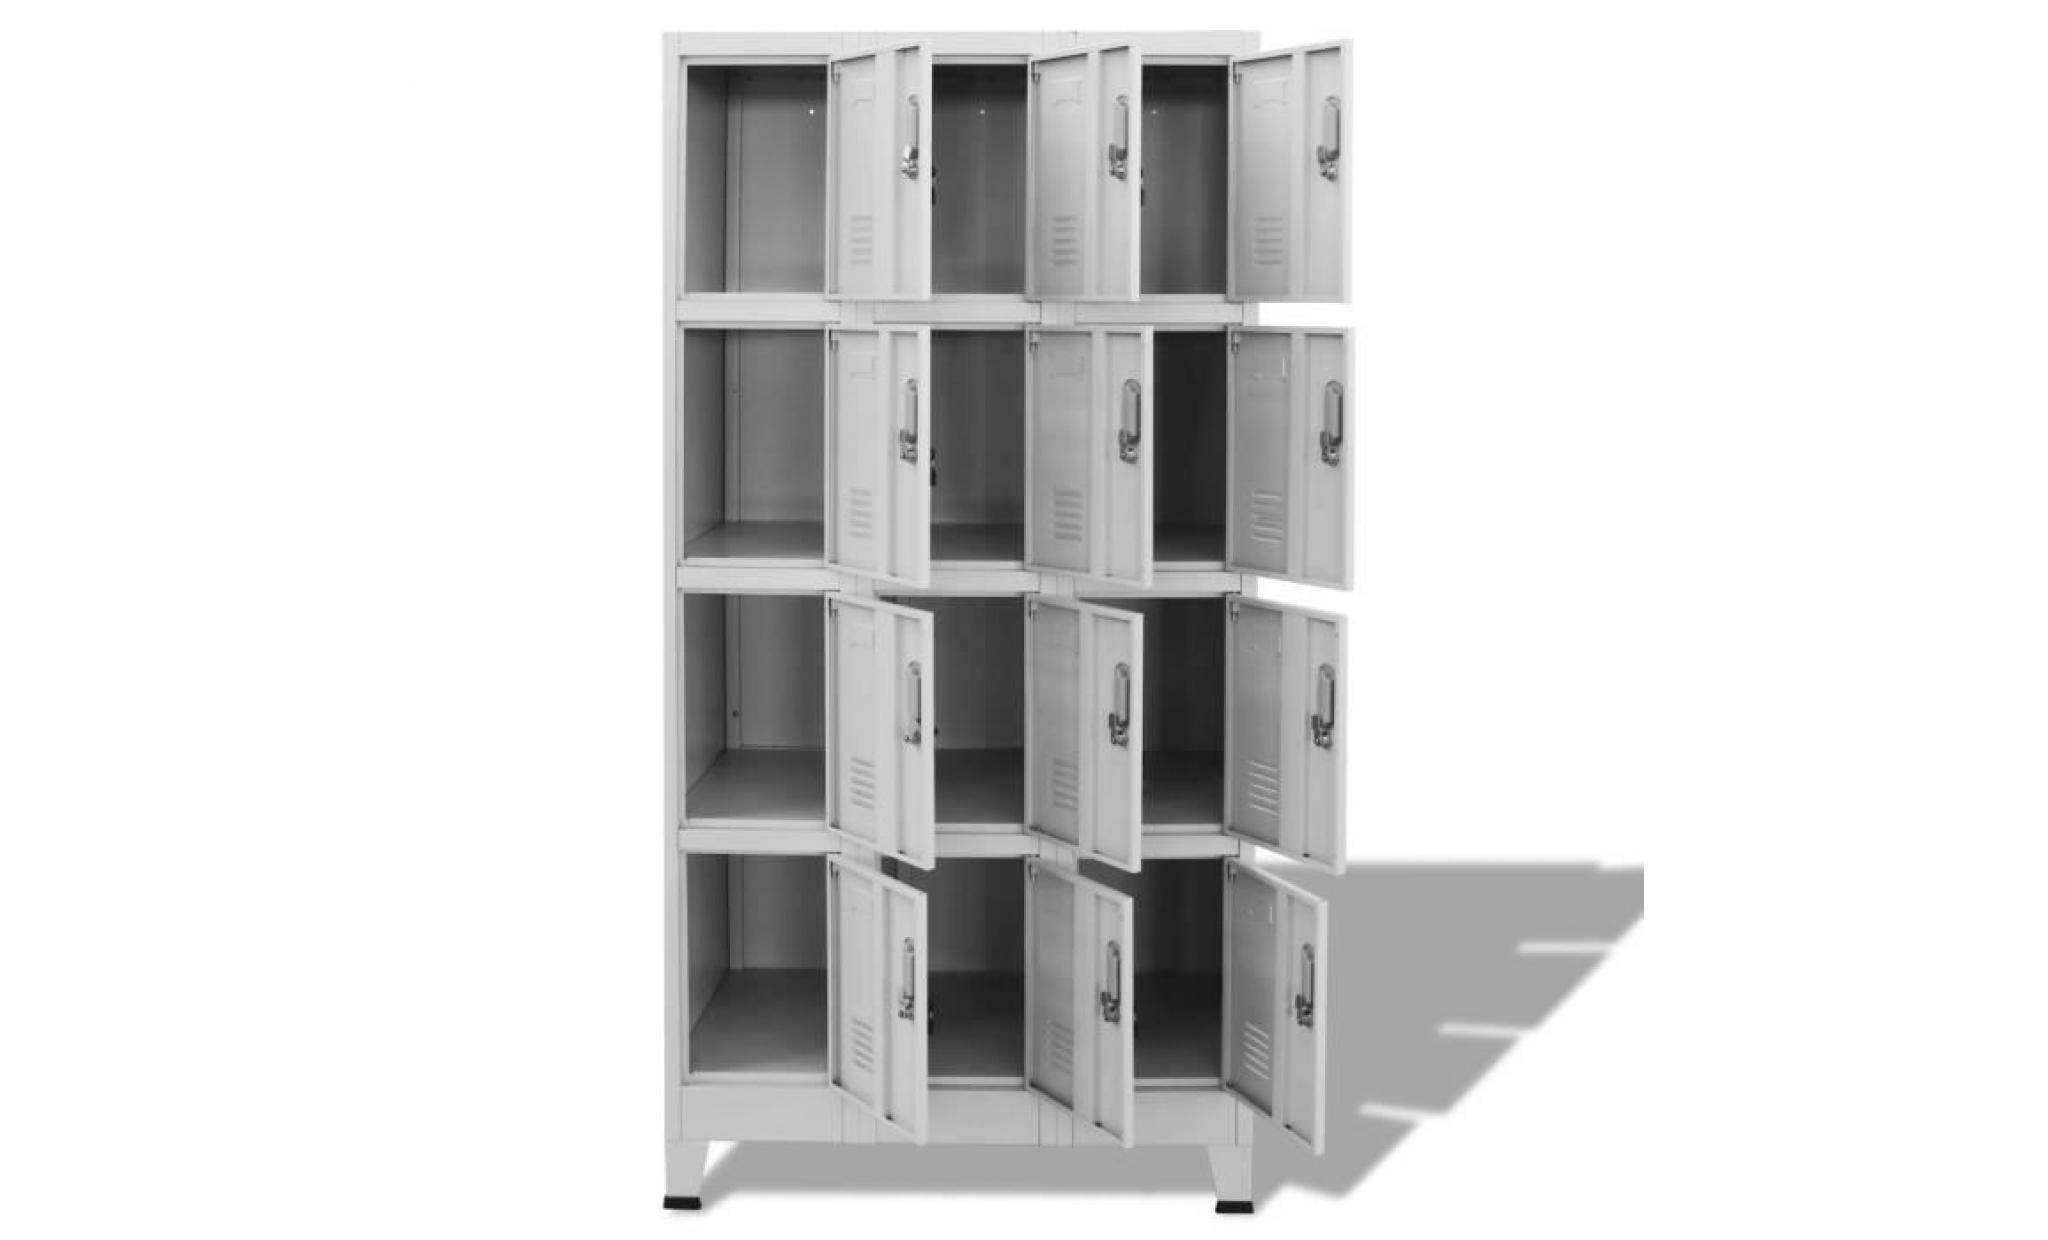 466b3239c5014 armoire à casiers meuble de rangement contemporain avec 12 compartiments 90  x 45 x 180 cm